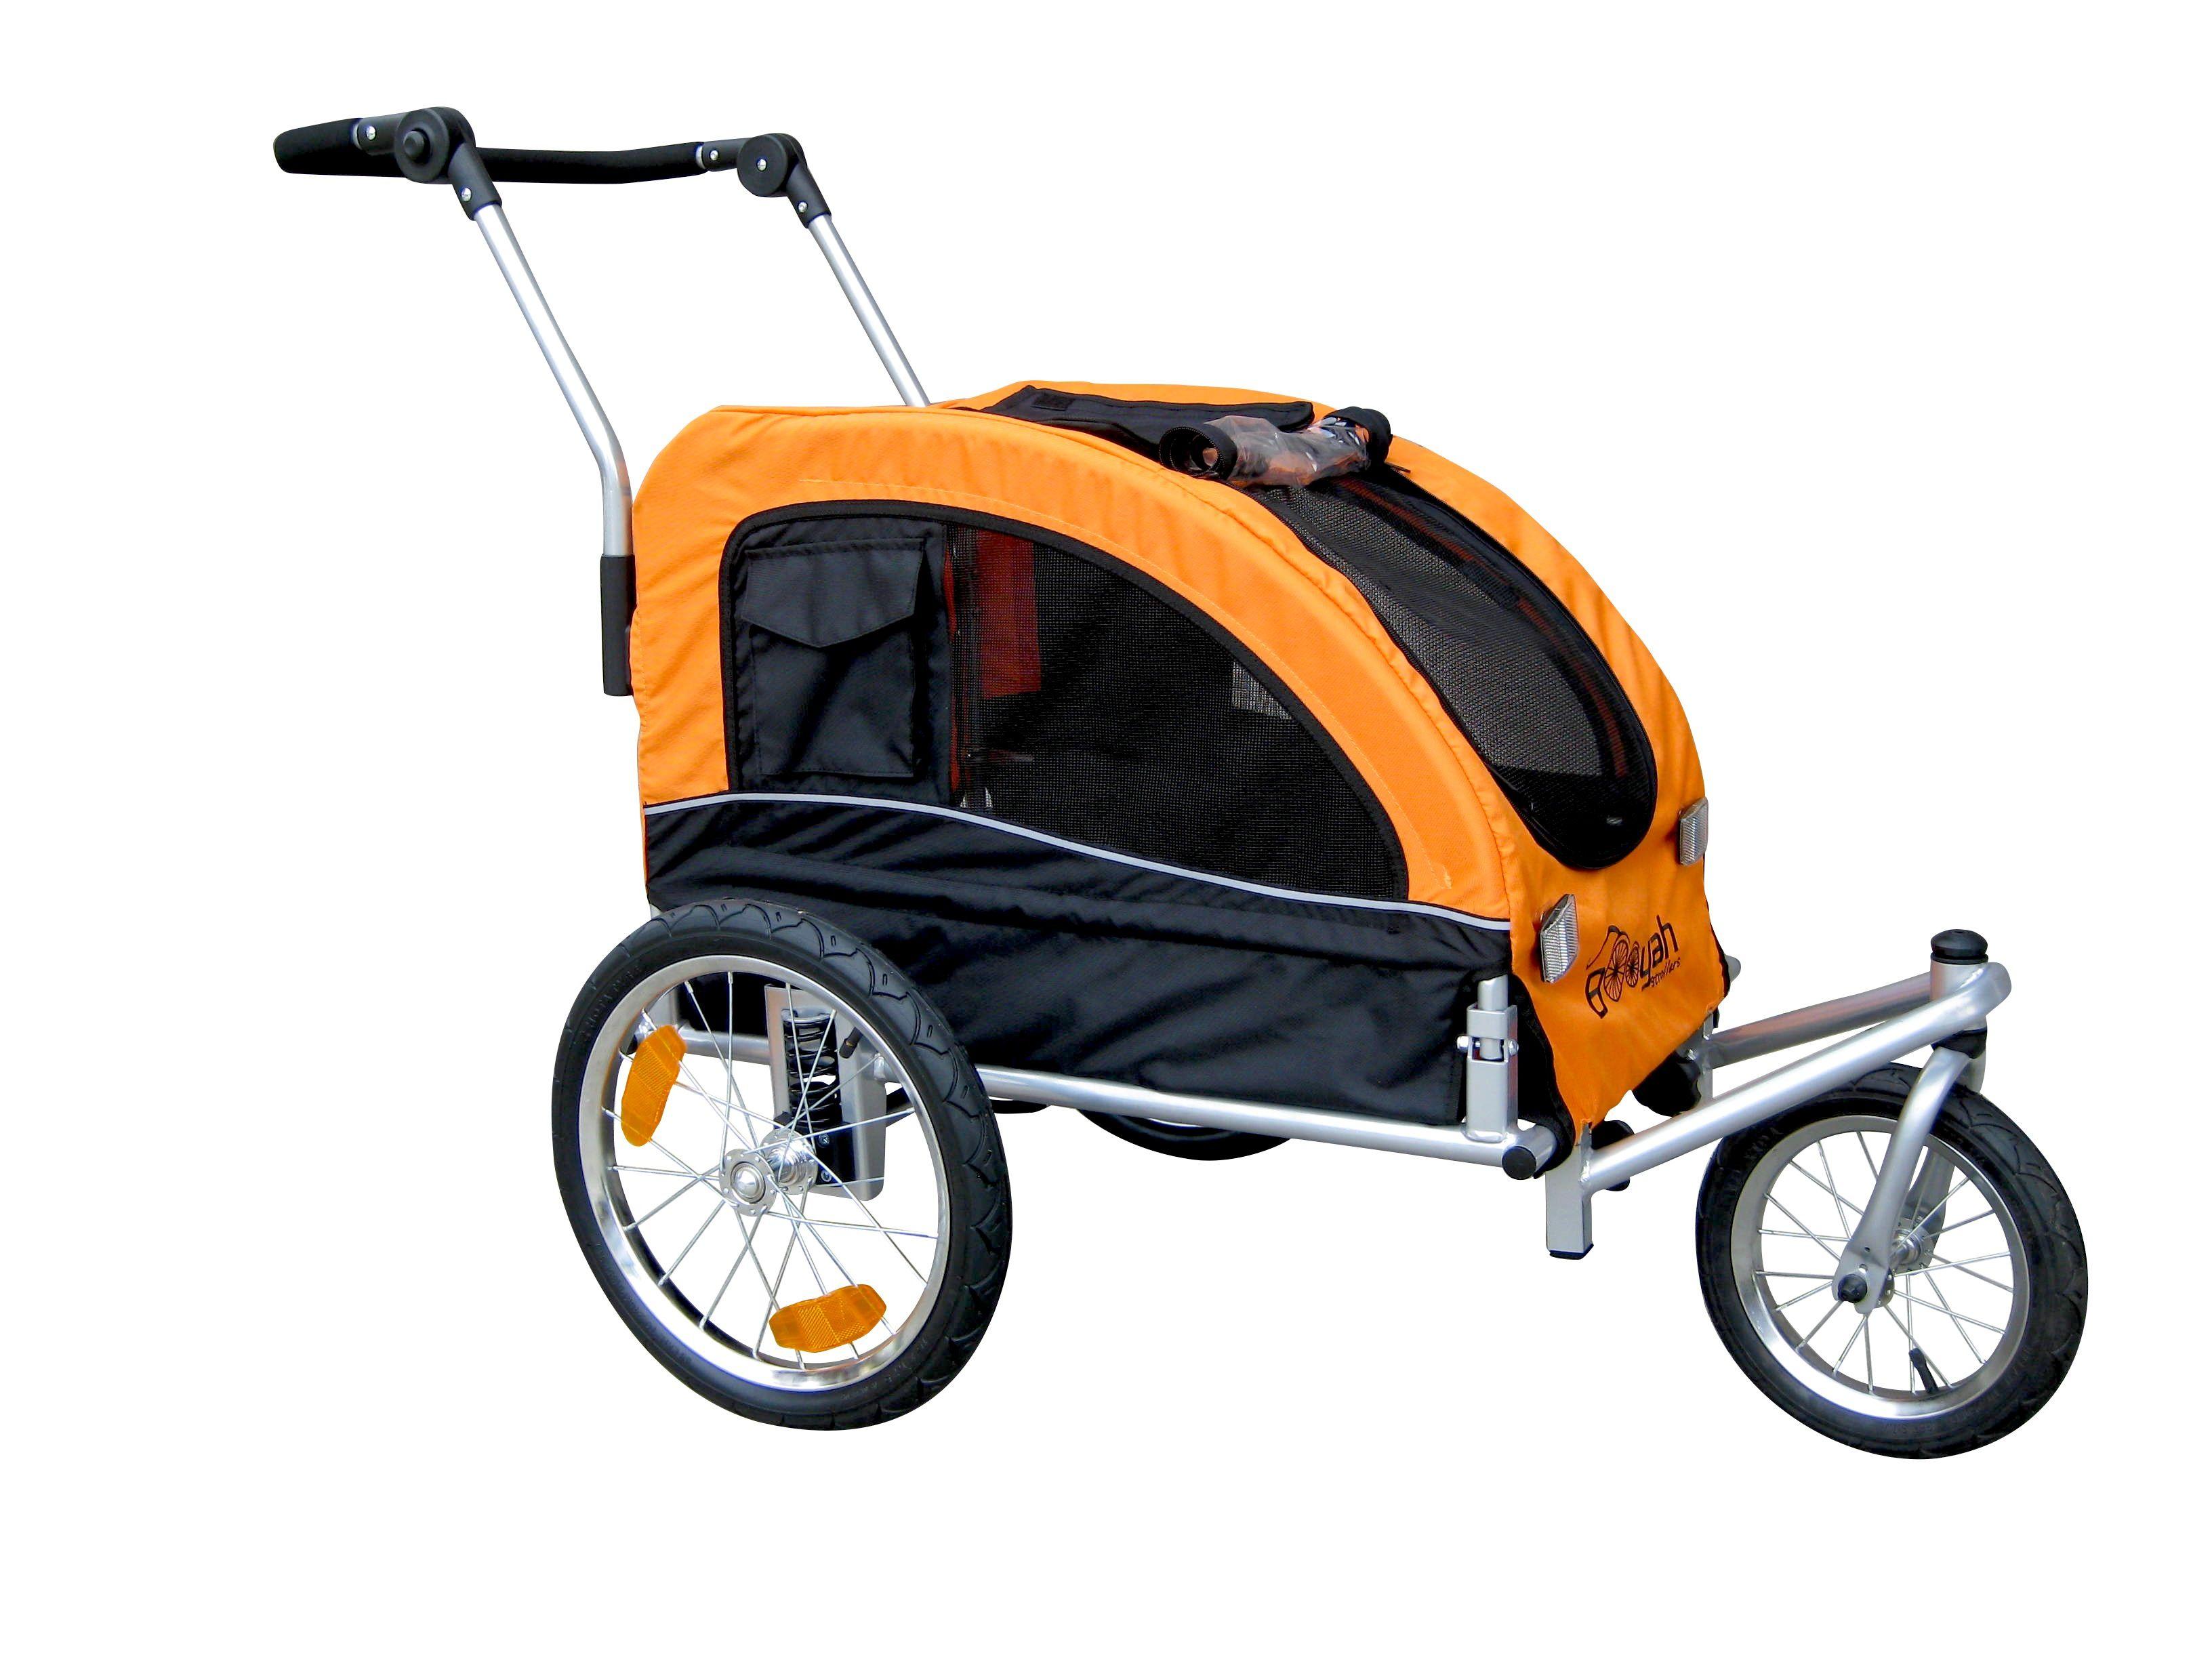 Elegante Hund Kinderwagen Combo Inspiration Zu Renovieren